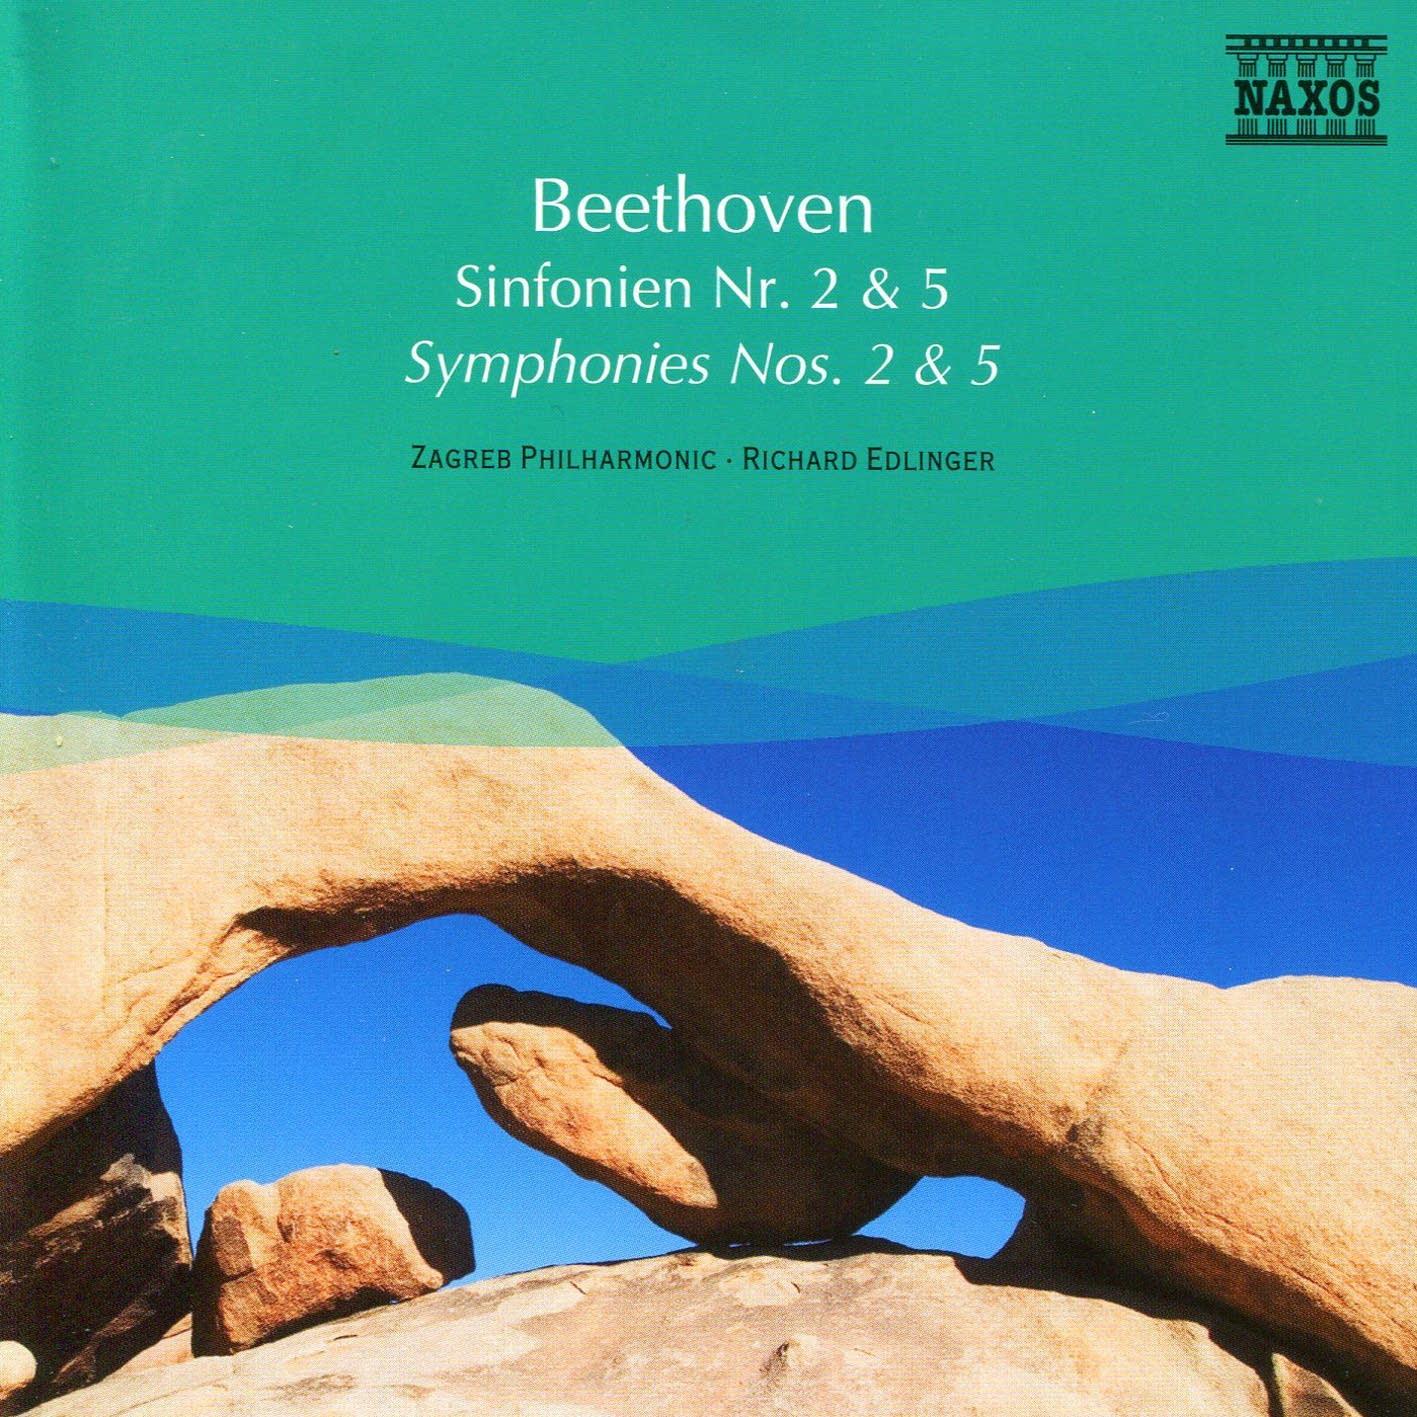 Ludwig van beethoven symphonie 7 mvt 4 10